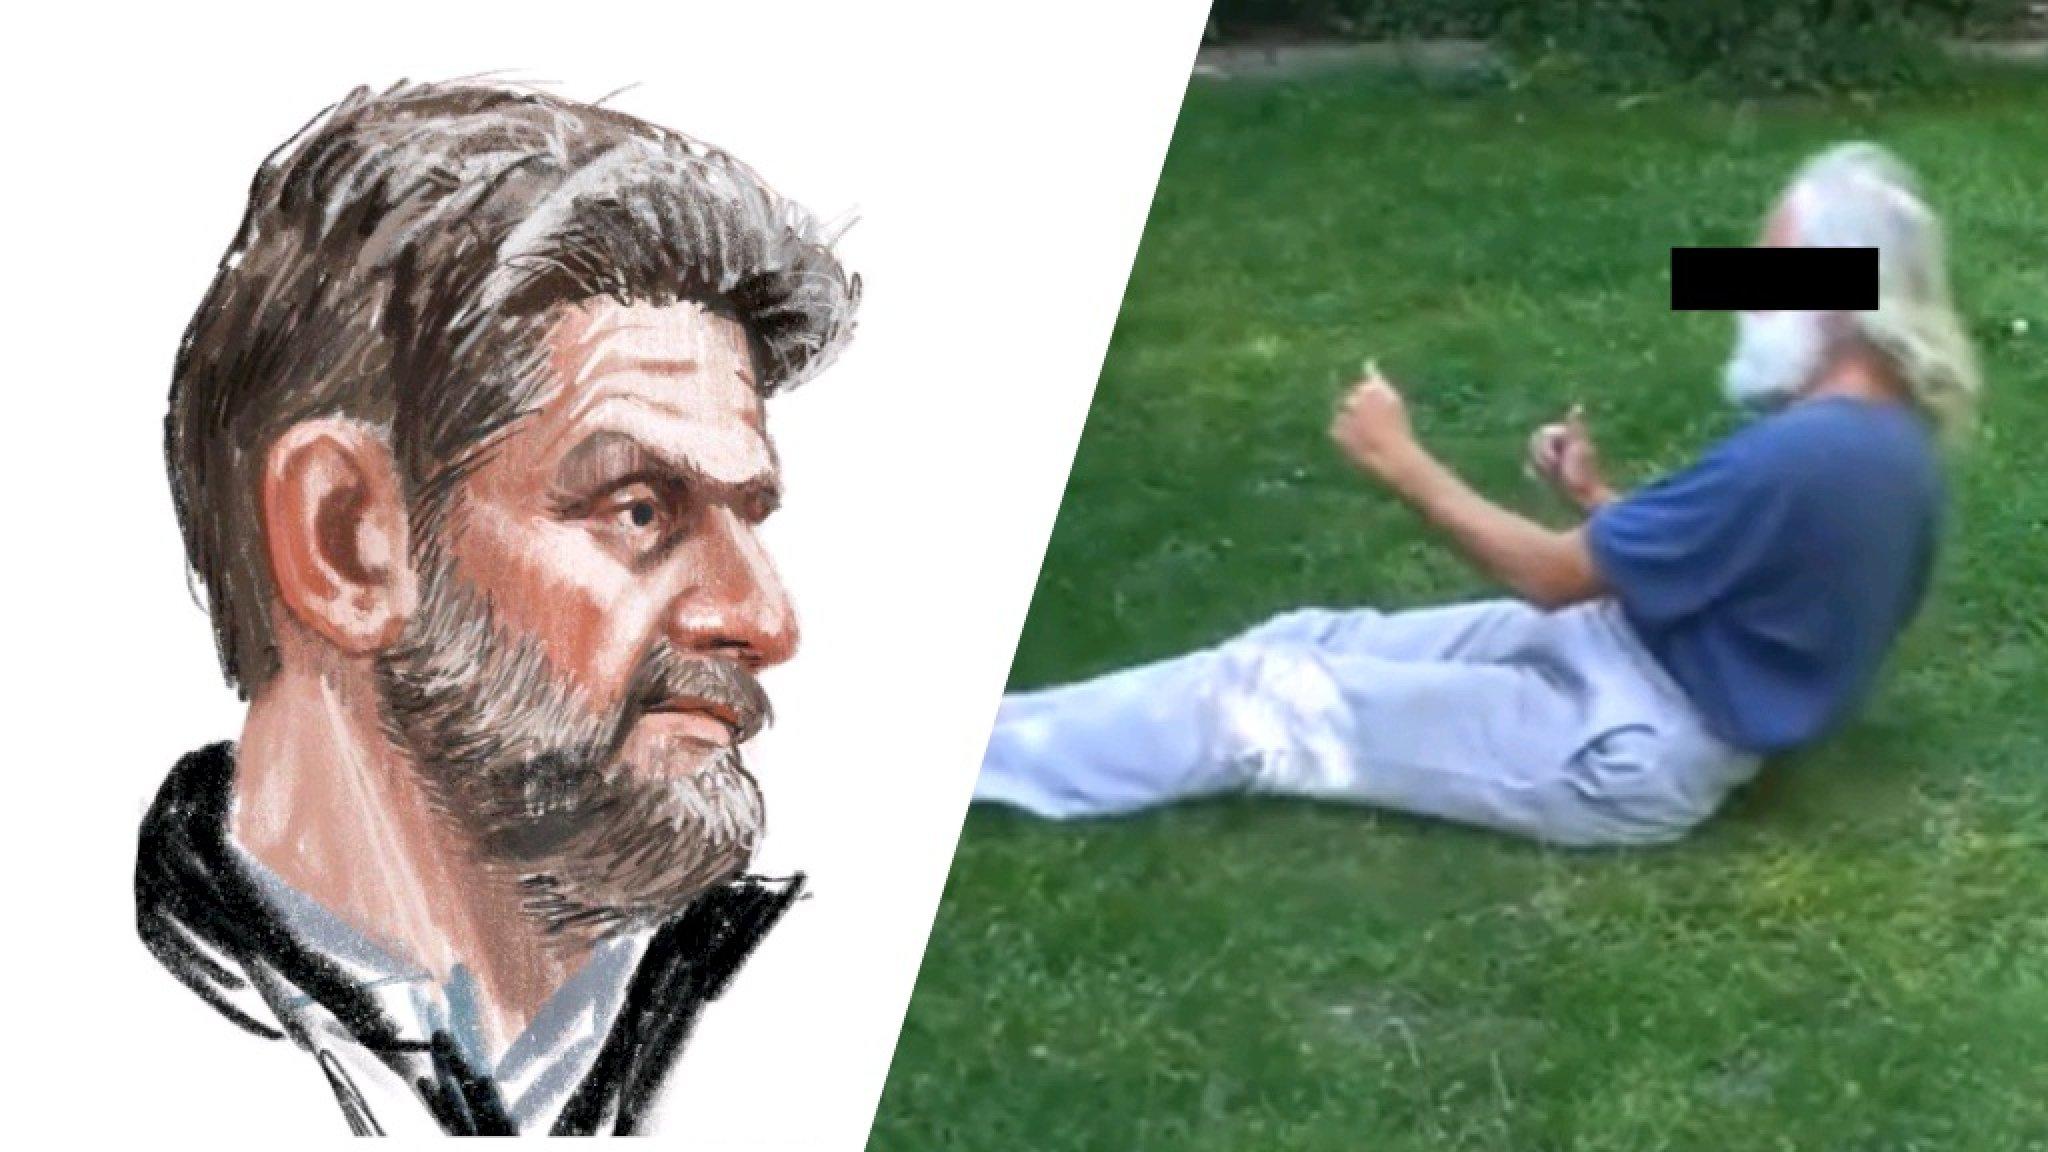 Gijzeling, lijfstraffen en misbruik: Gerrit Jan van D. en Josef B. blijven in cel